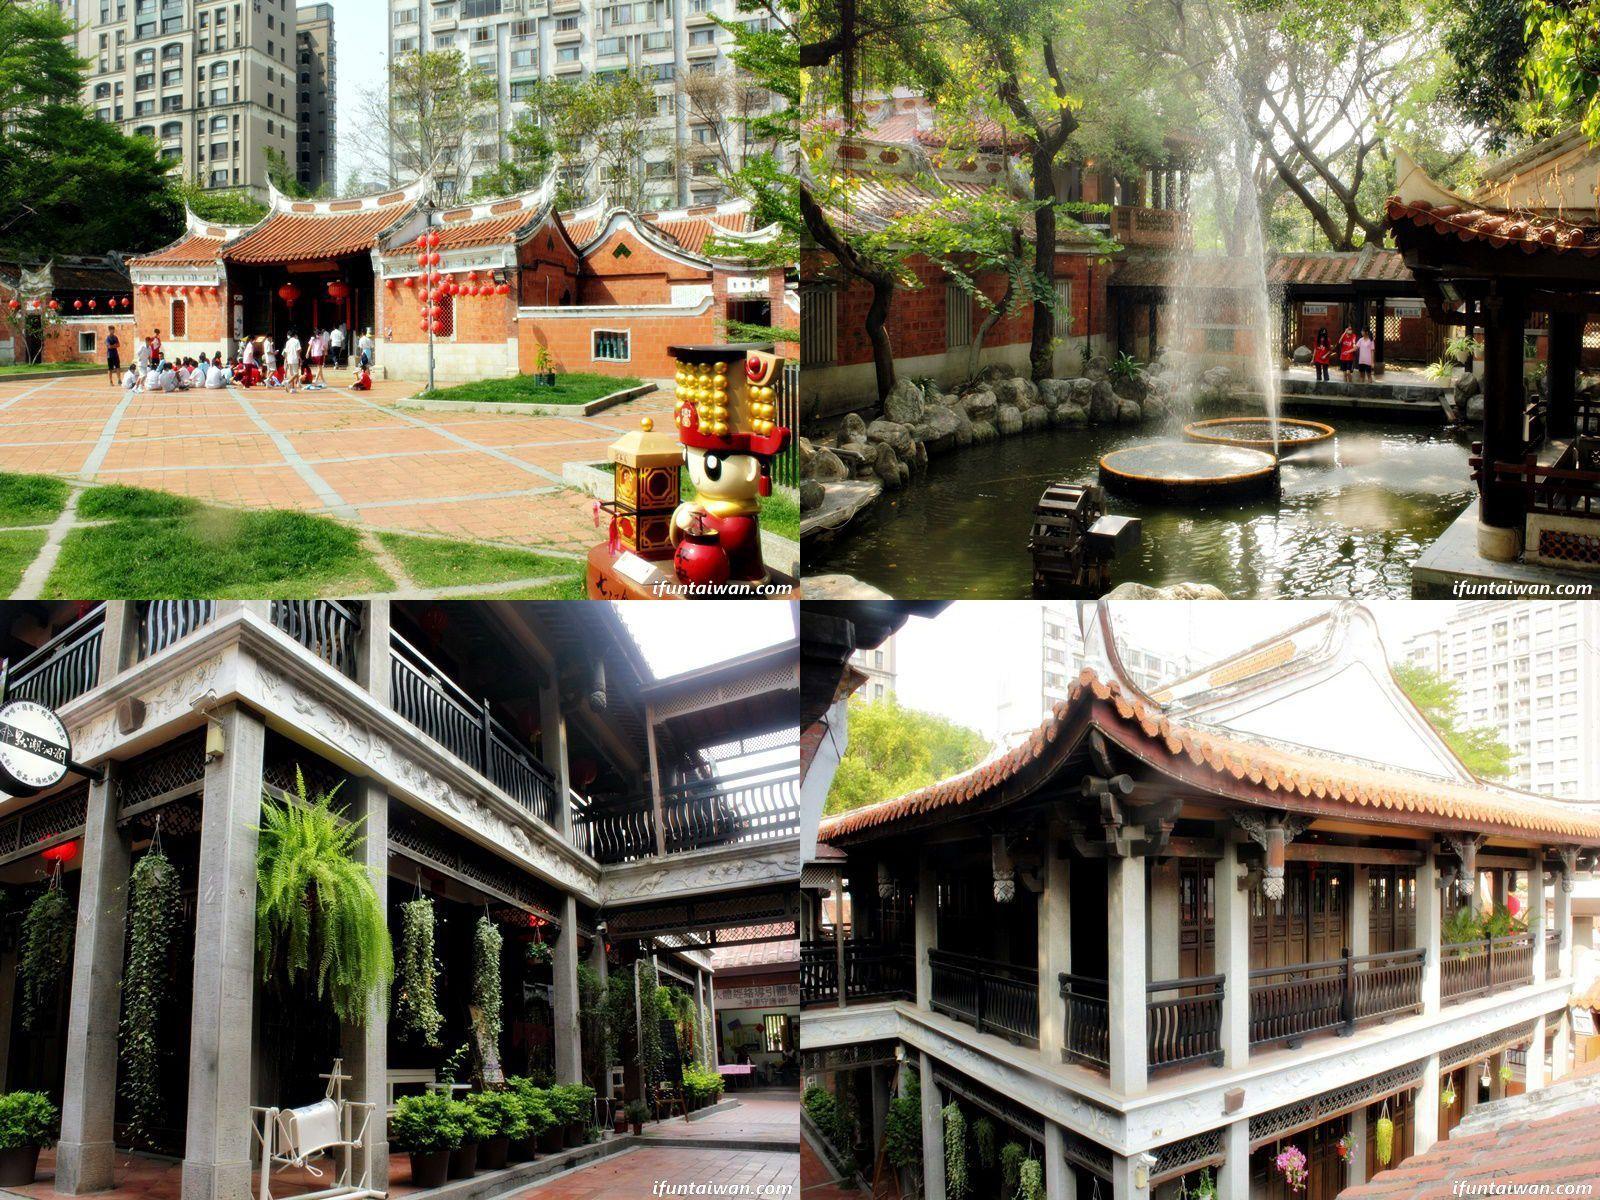 【台中北屯景點】民俗公園,融入傳統閩南式建築氛圍